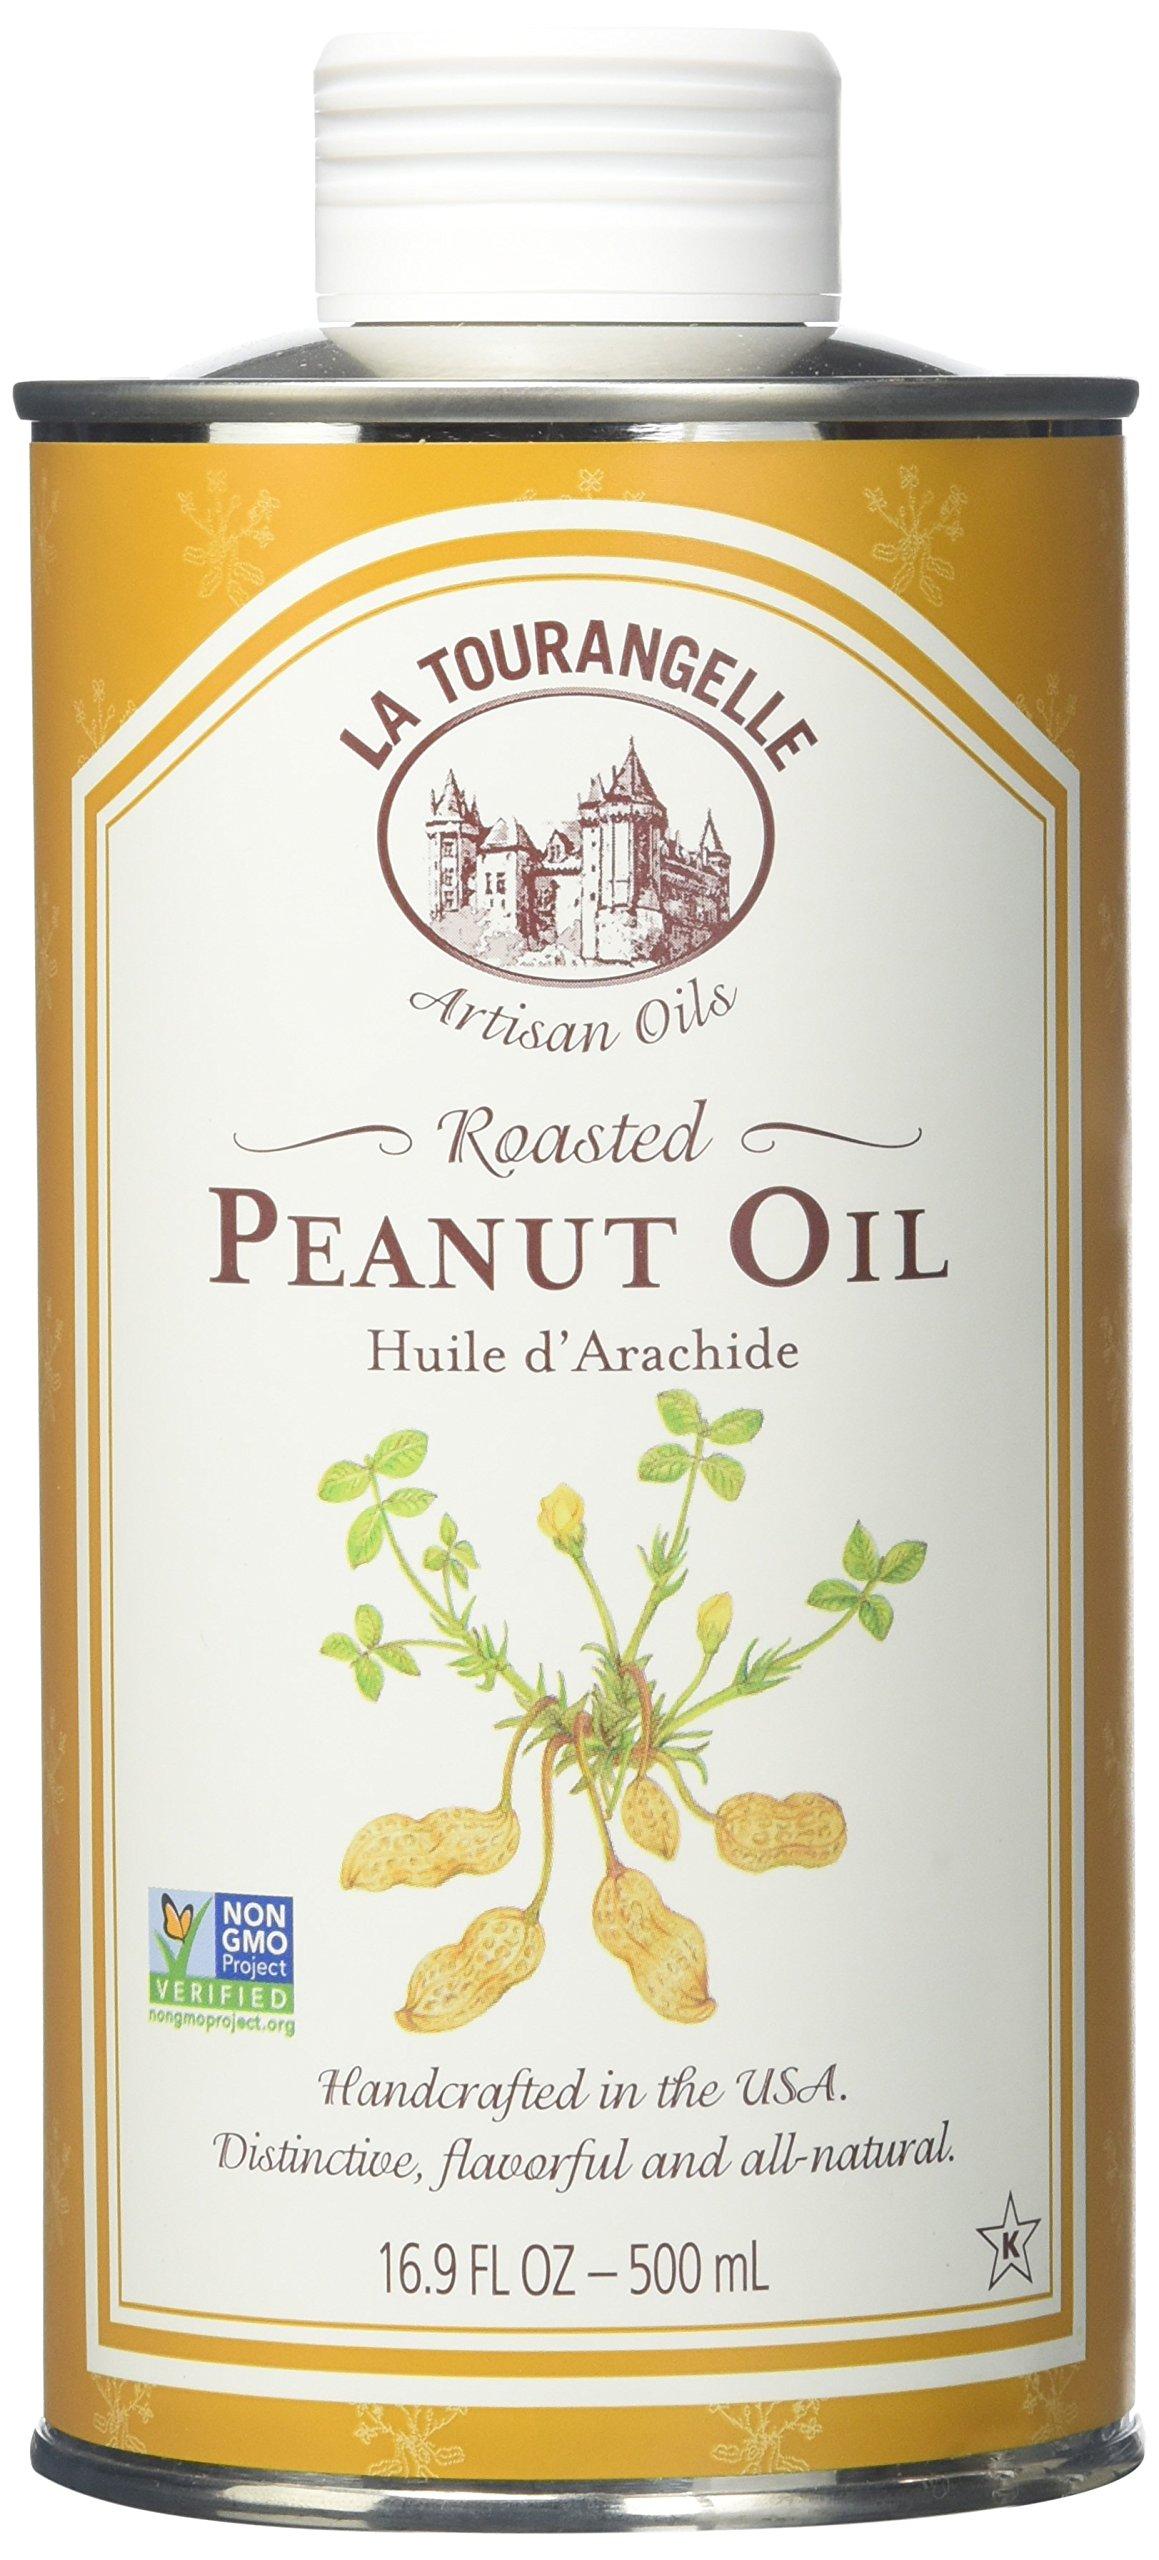 La Tourangelle Roasted Peanut Oil 8.45 oz (Pack of 6) by La Tourangelle Roasted Peanut Oil